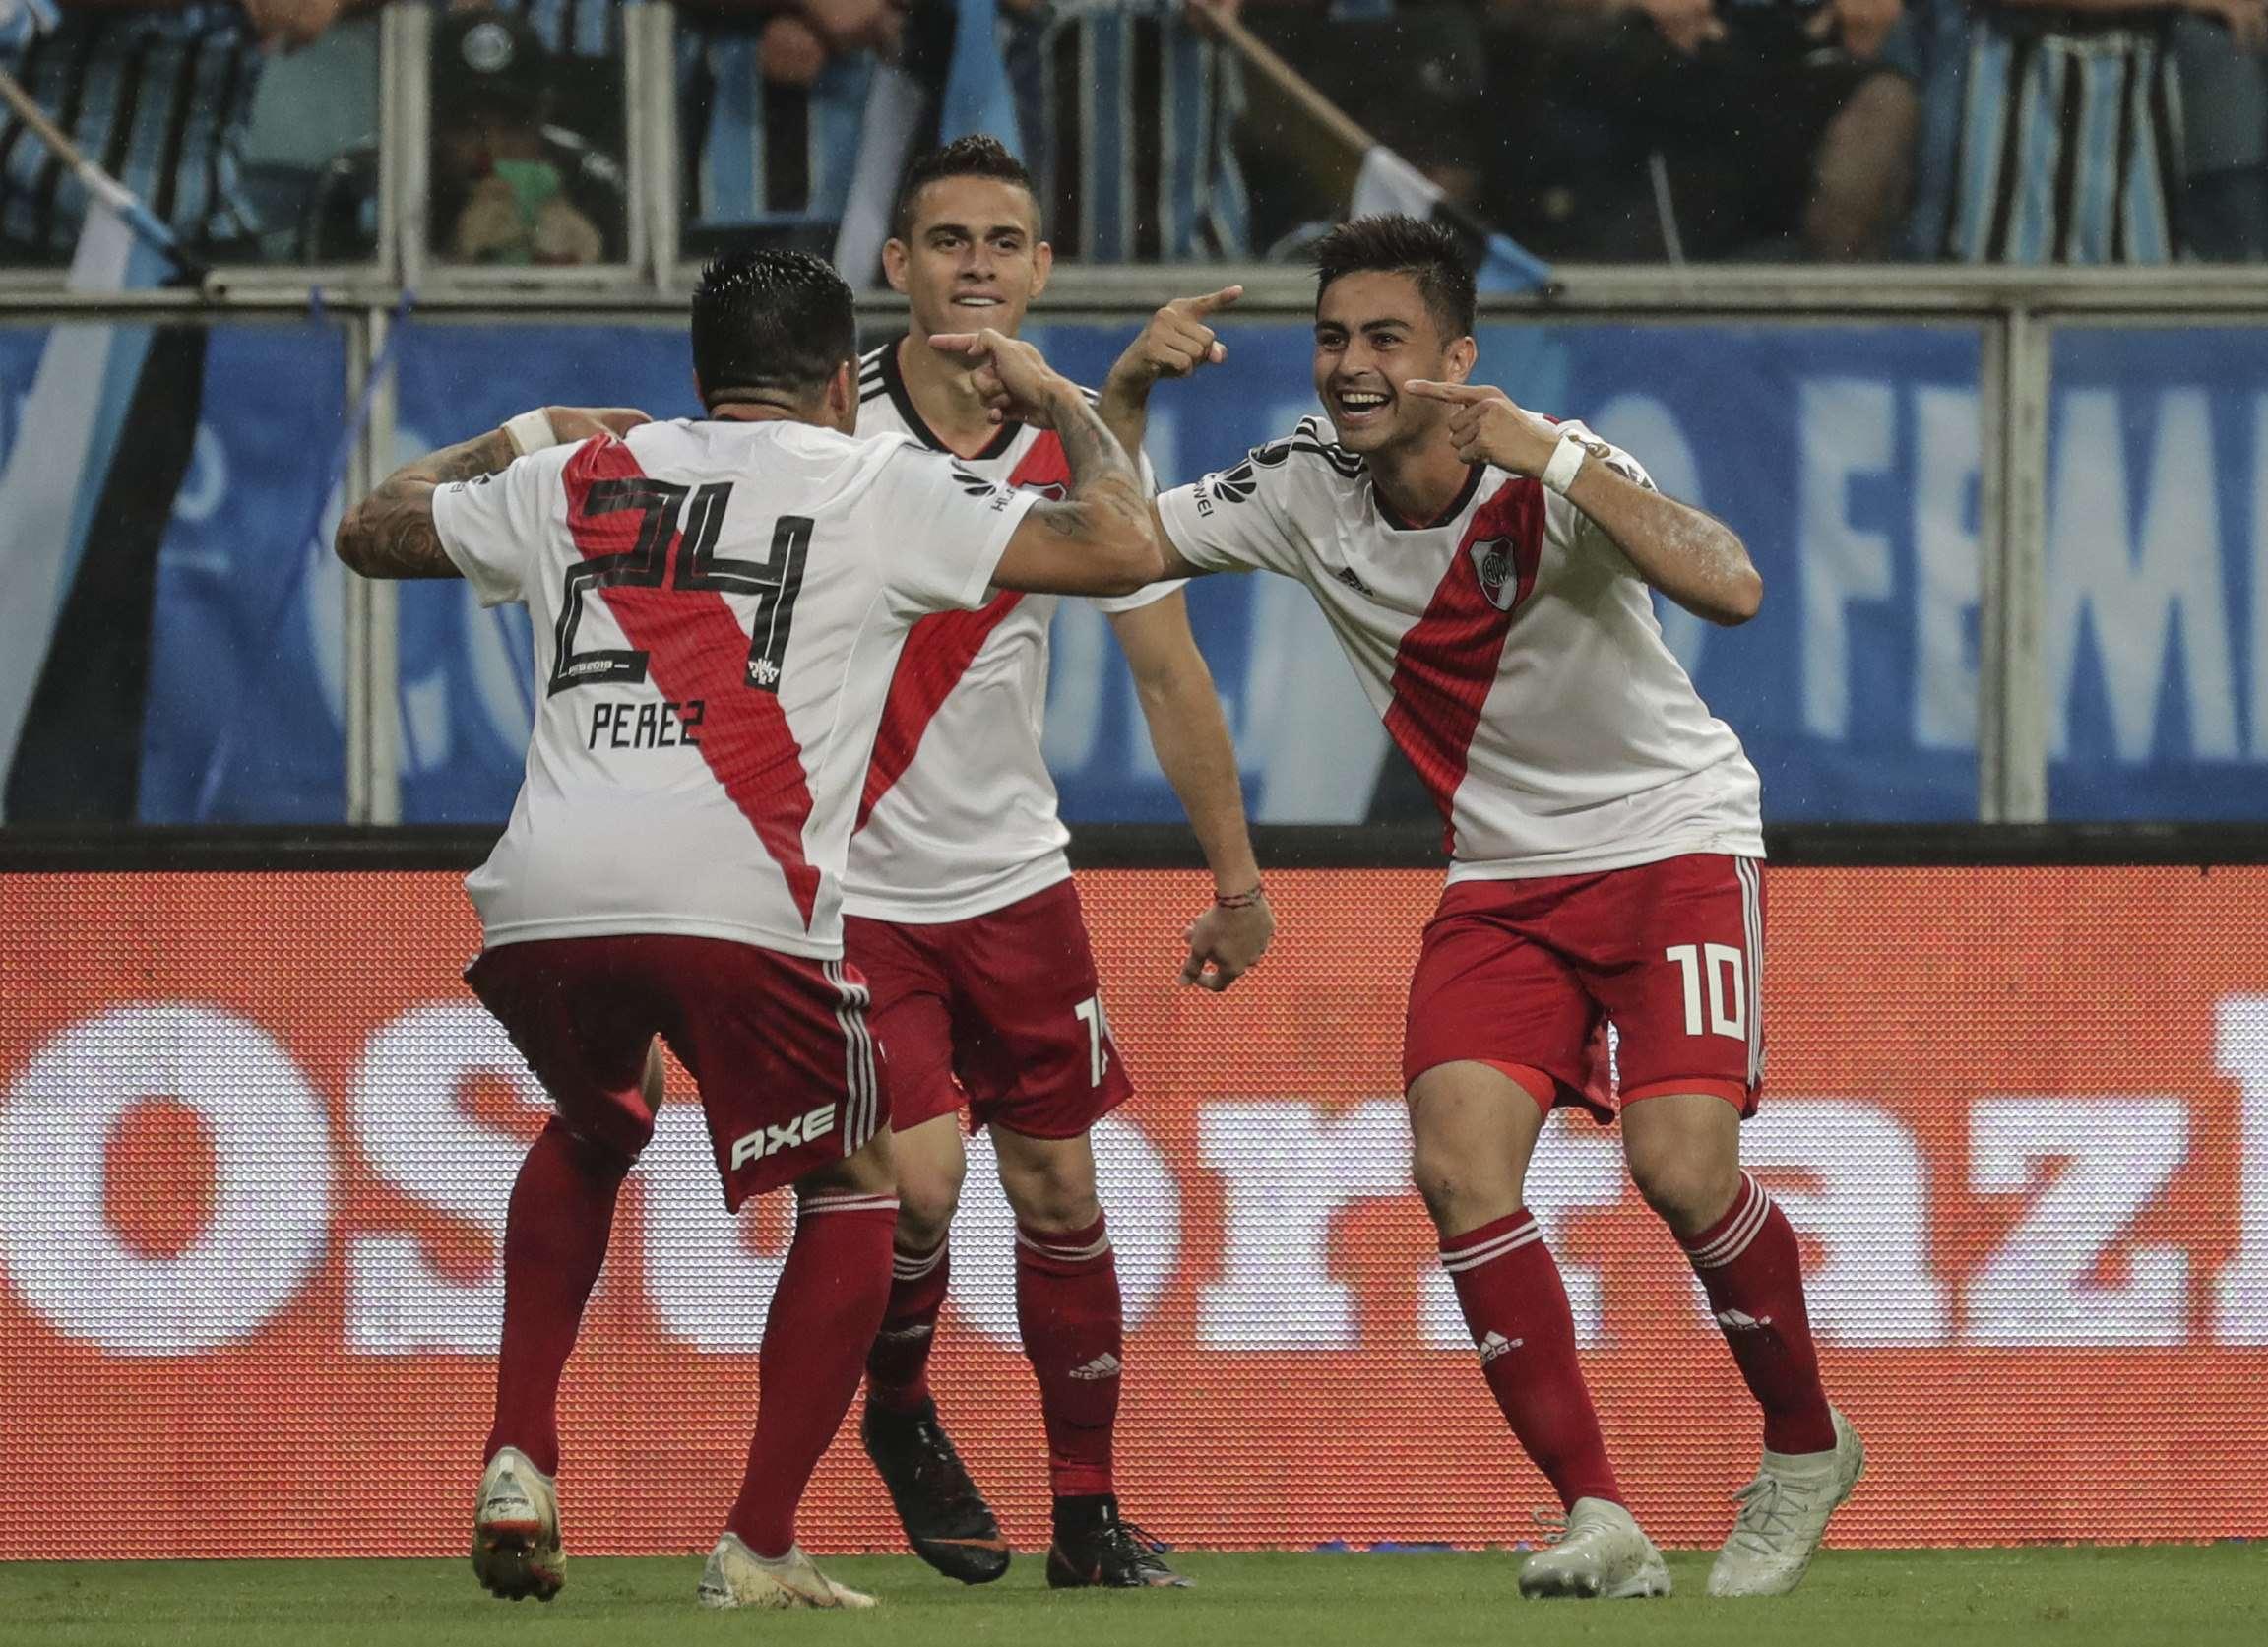 Los jugadores de River Plate festejan tras conseguir la clasificación. /EFE